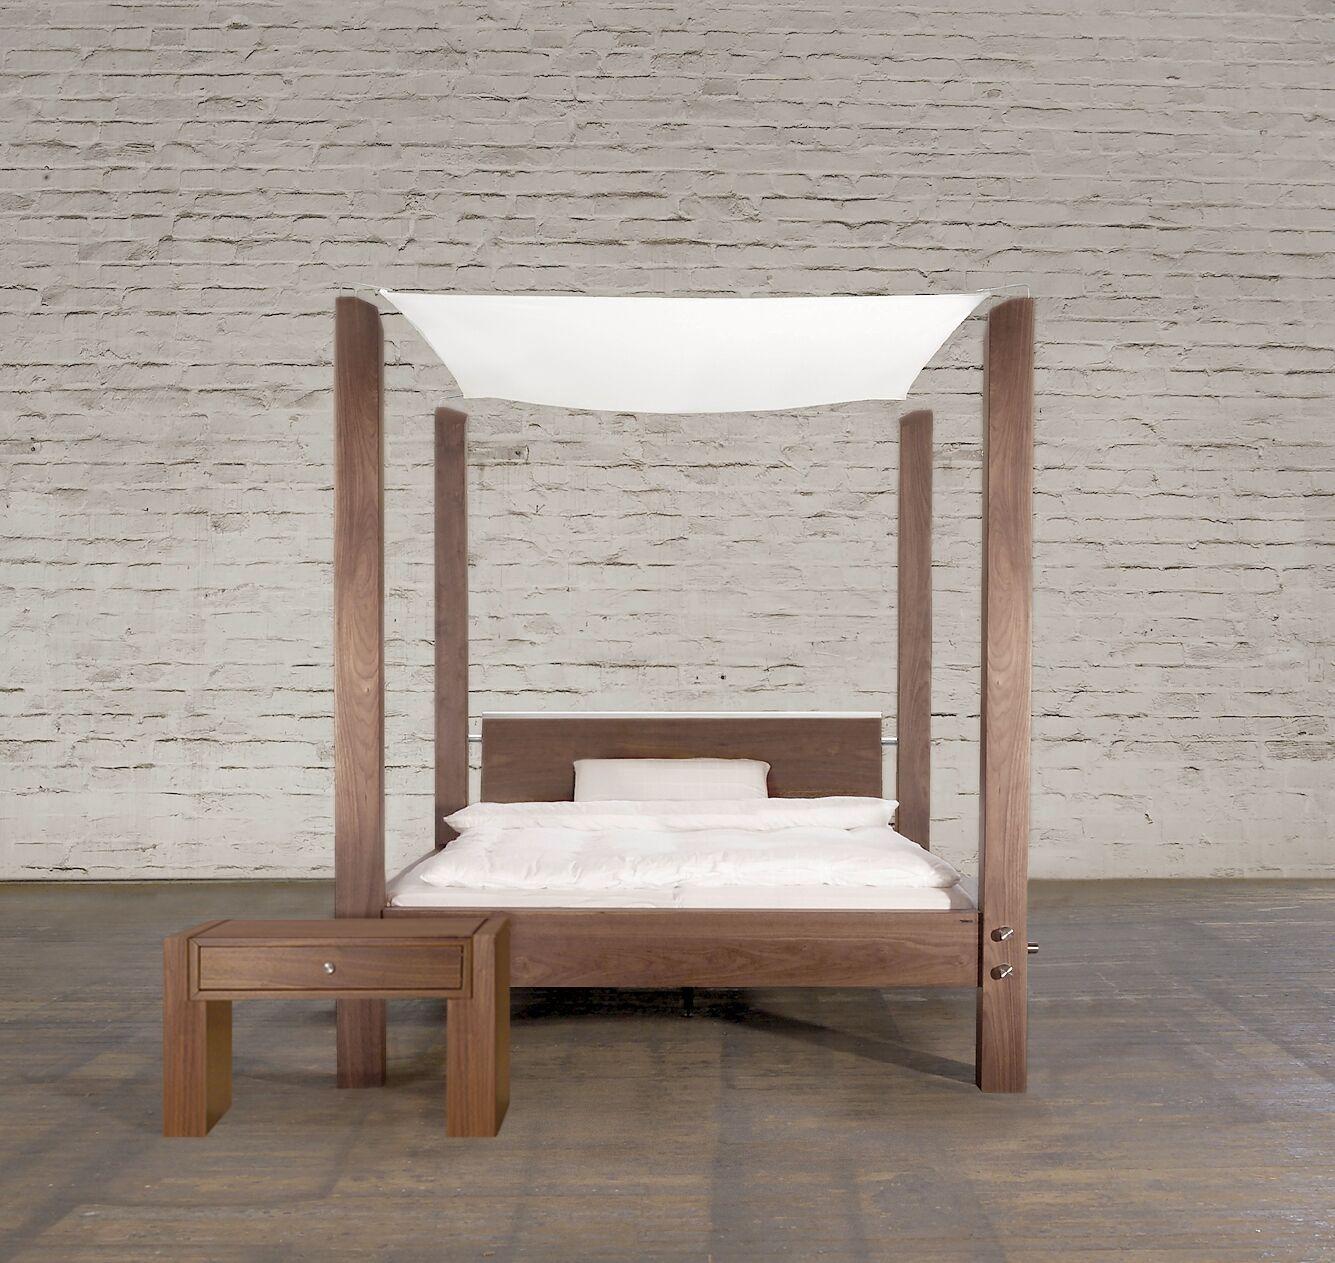 Schlafzimmer Gestalten Himmelbett. Wandtattoo Schlafzimmer